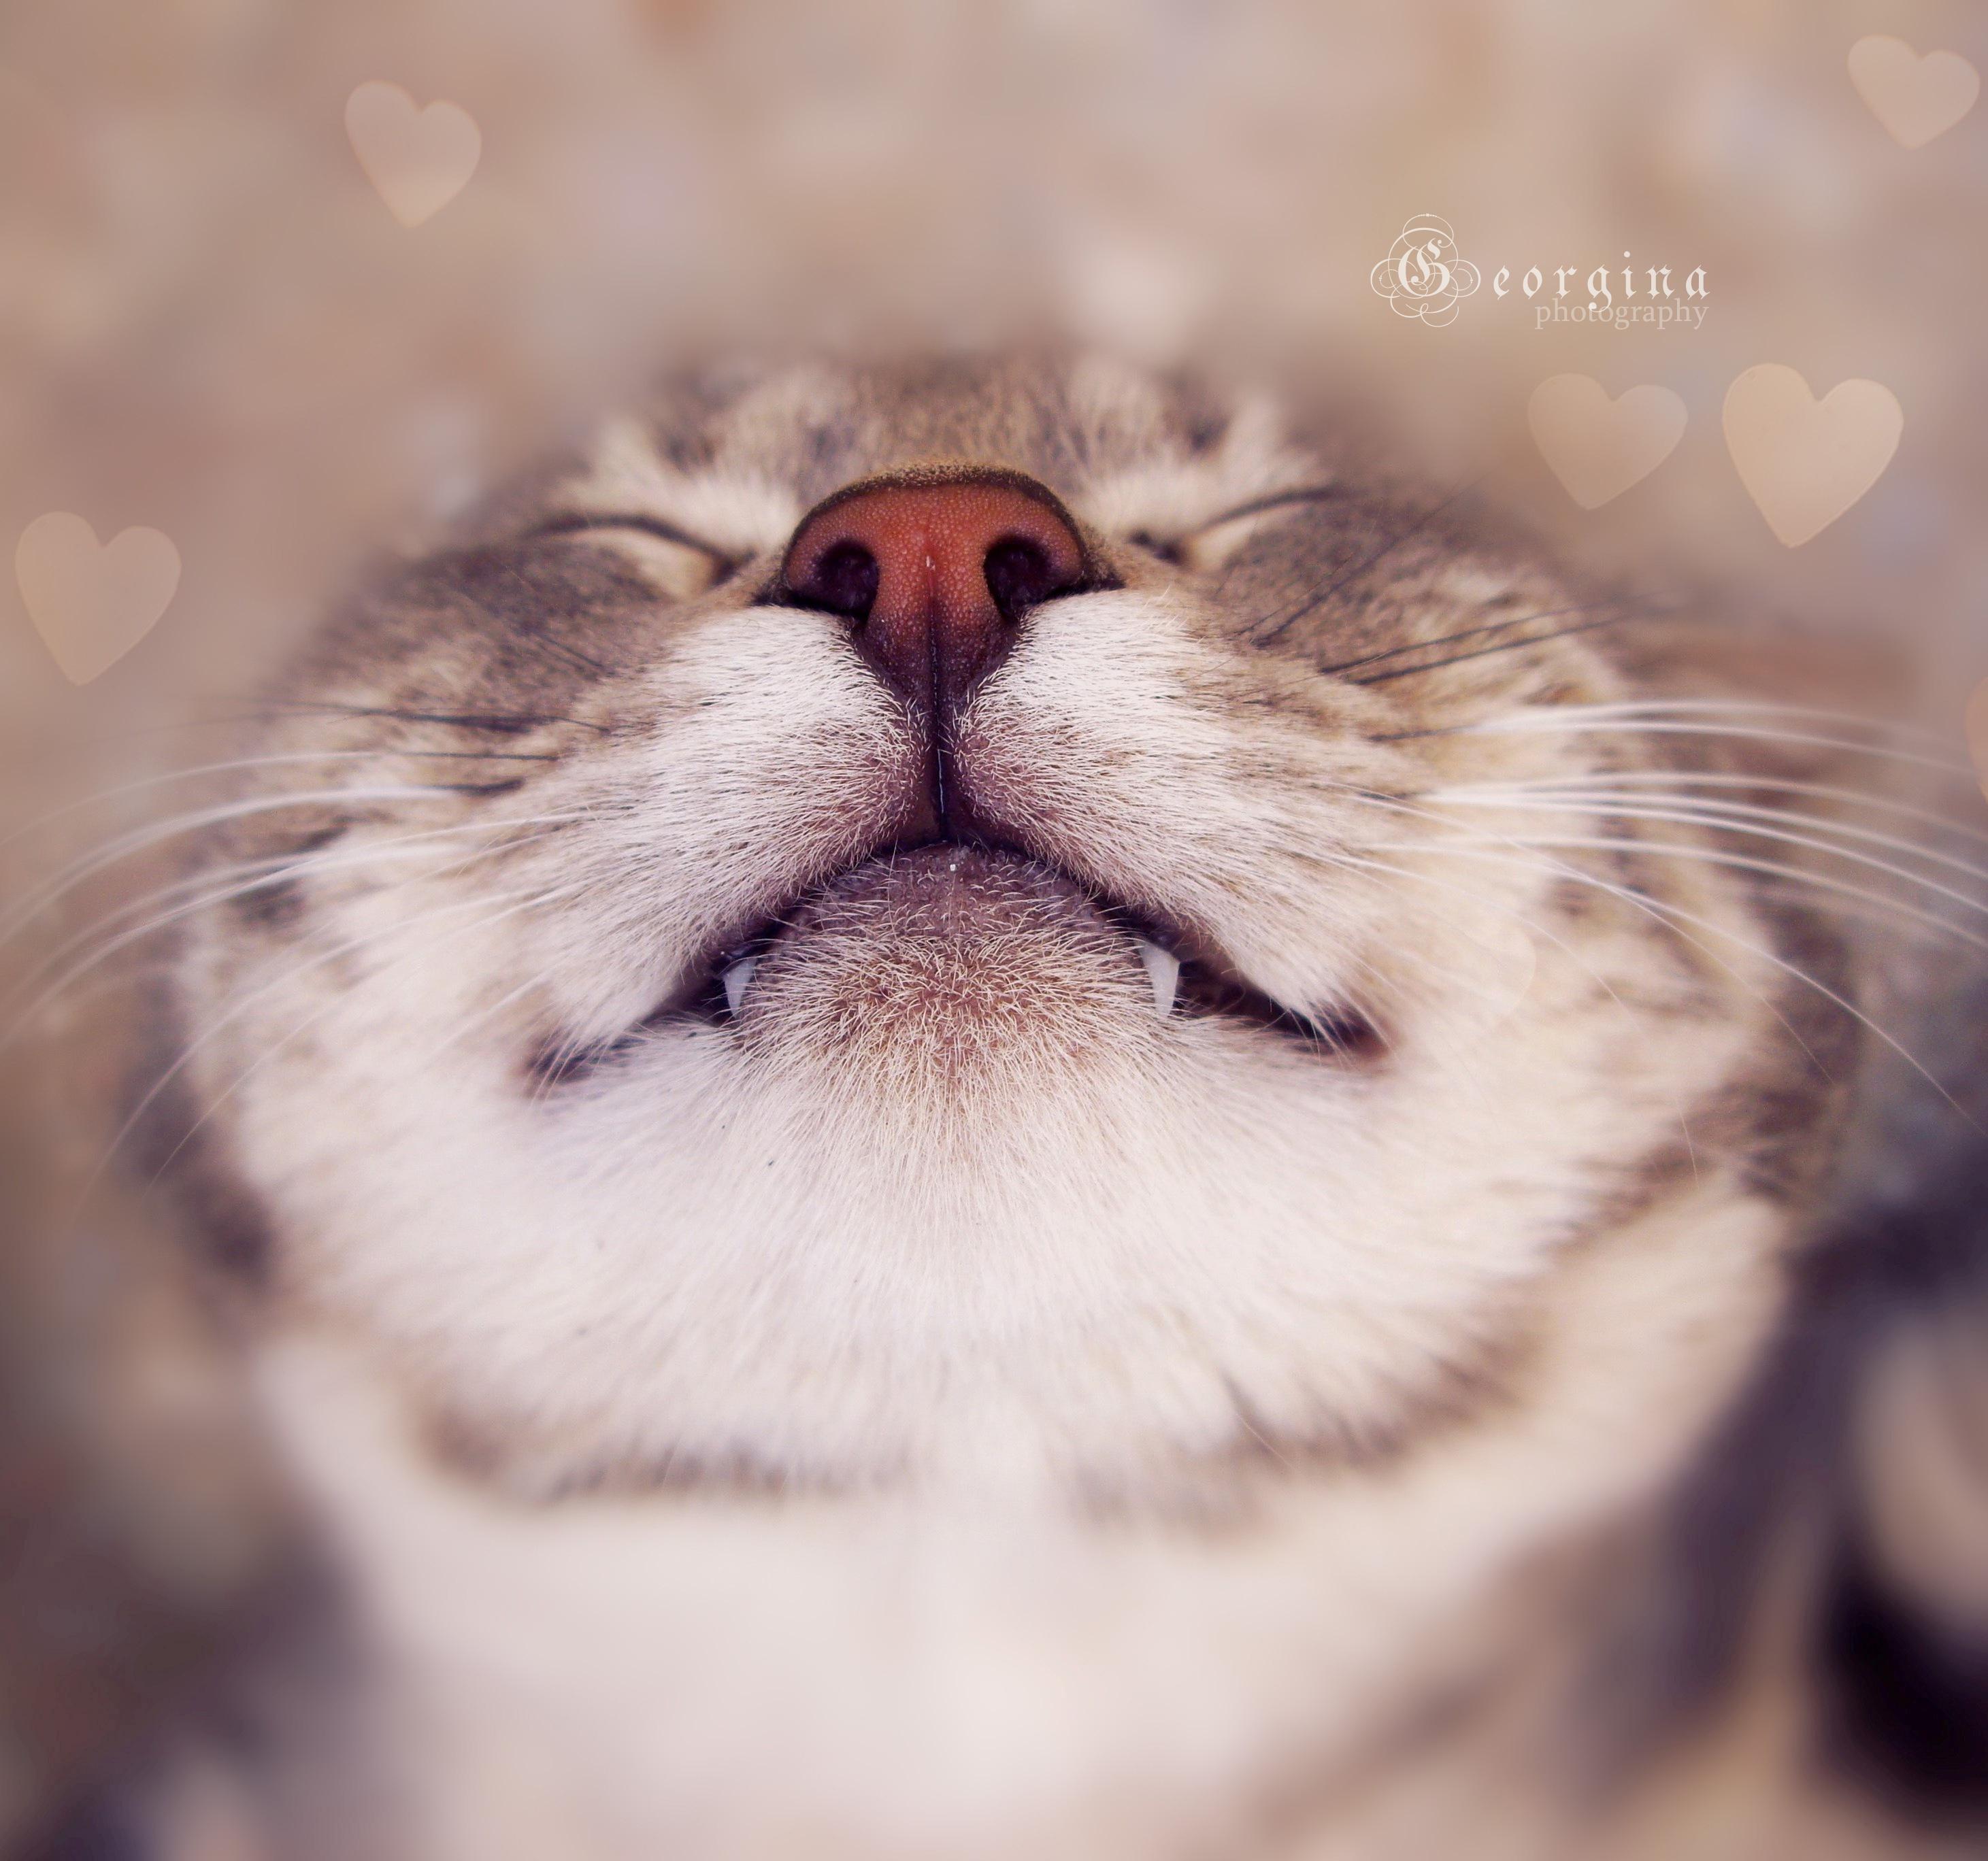 кошка язык глаза сердечки  № 2824776 загрузить